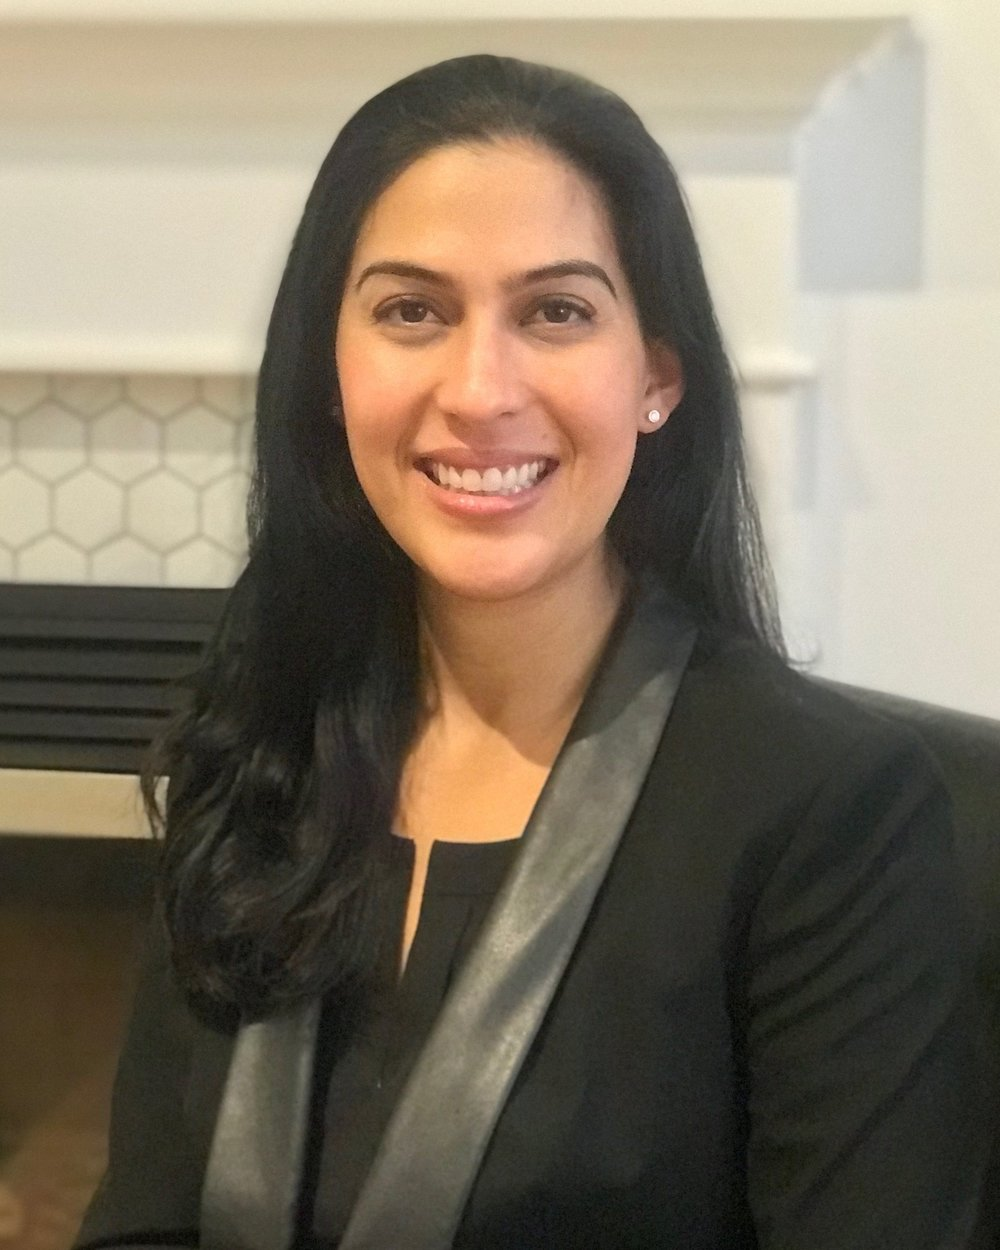 Priscilla Burnham Riosa